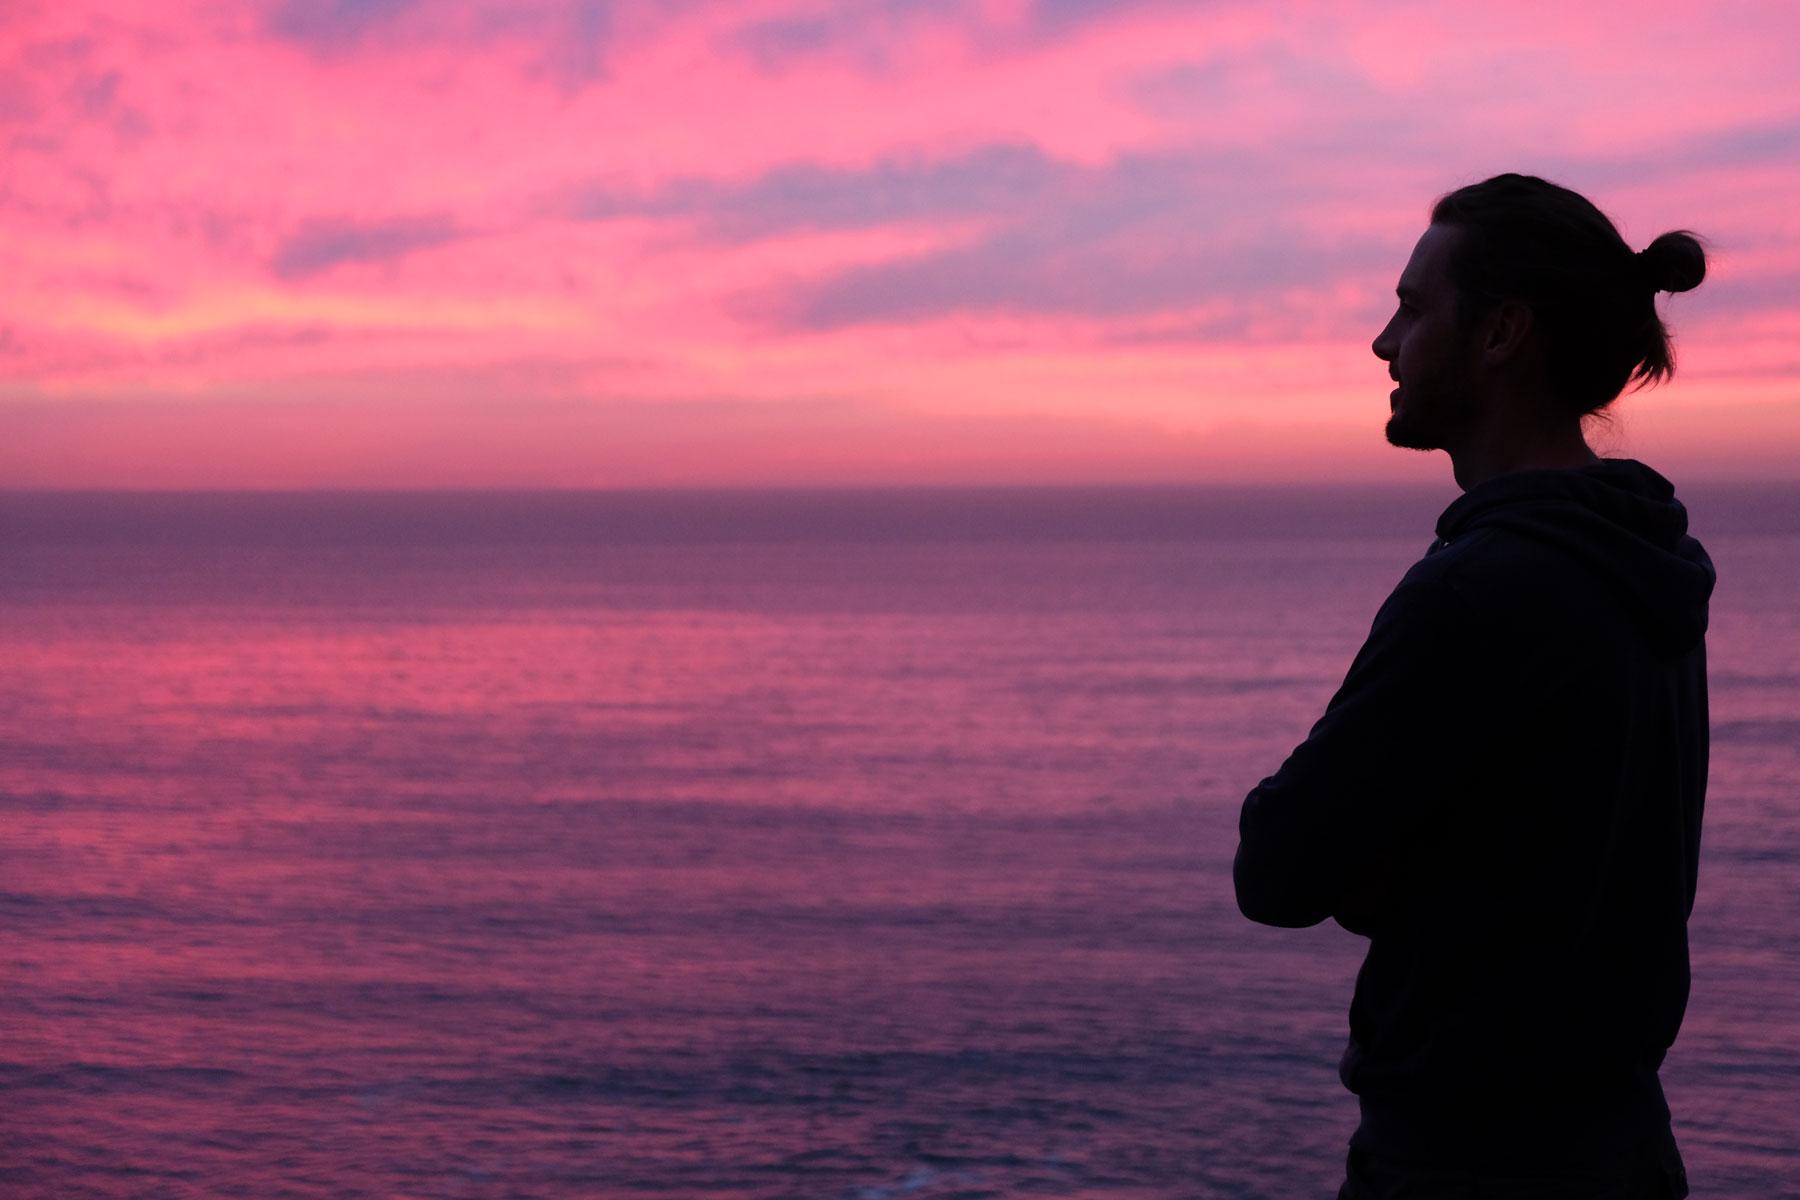 Sebastian steht vor einem lila verfärbten Abendhimmel am Meer.